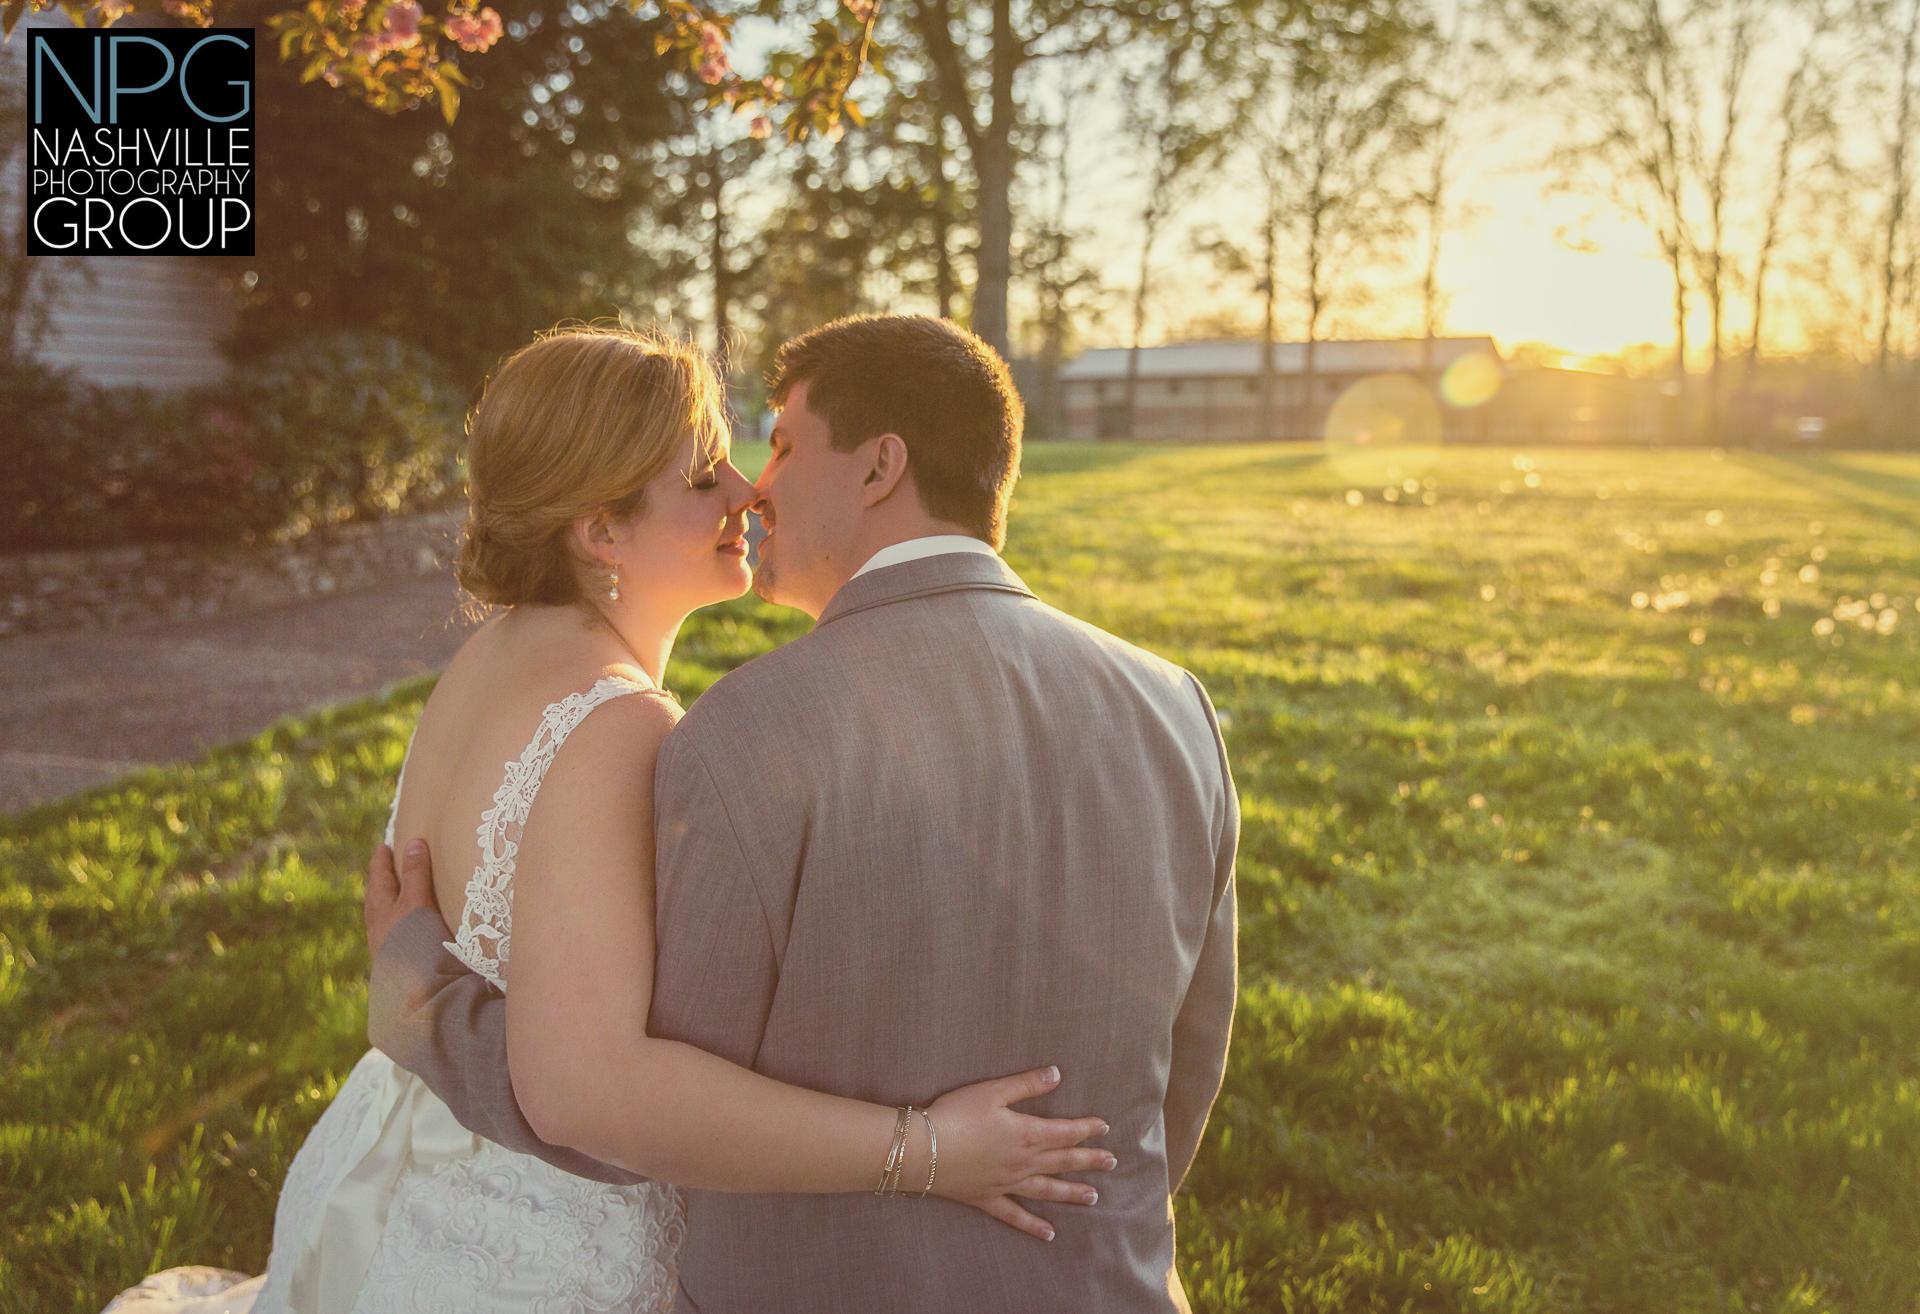 Nashville Photography Group wedding photographers-7-2.jpg